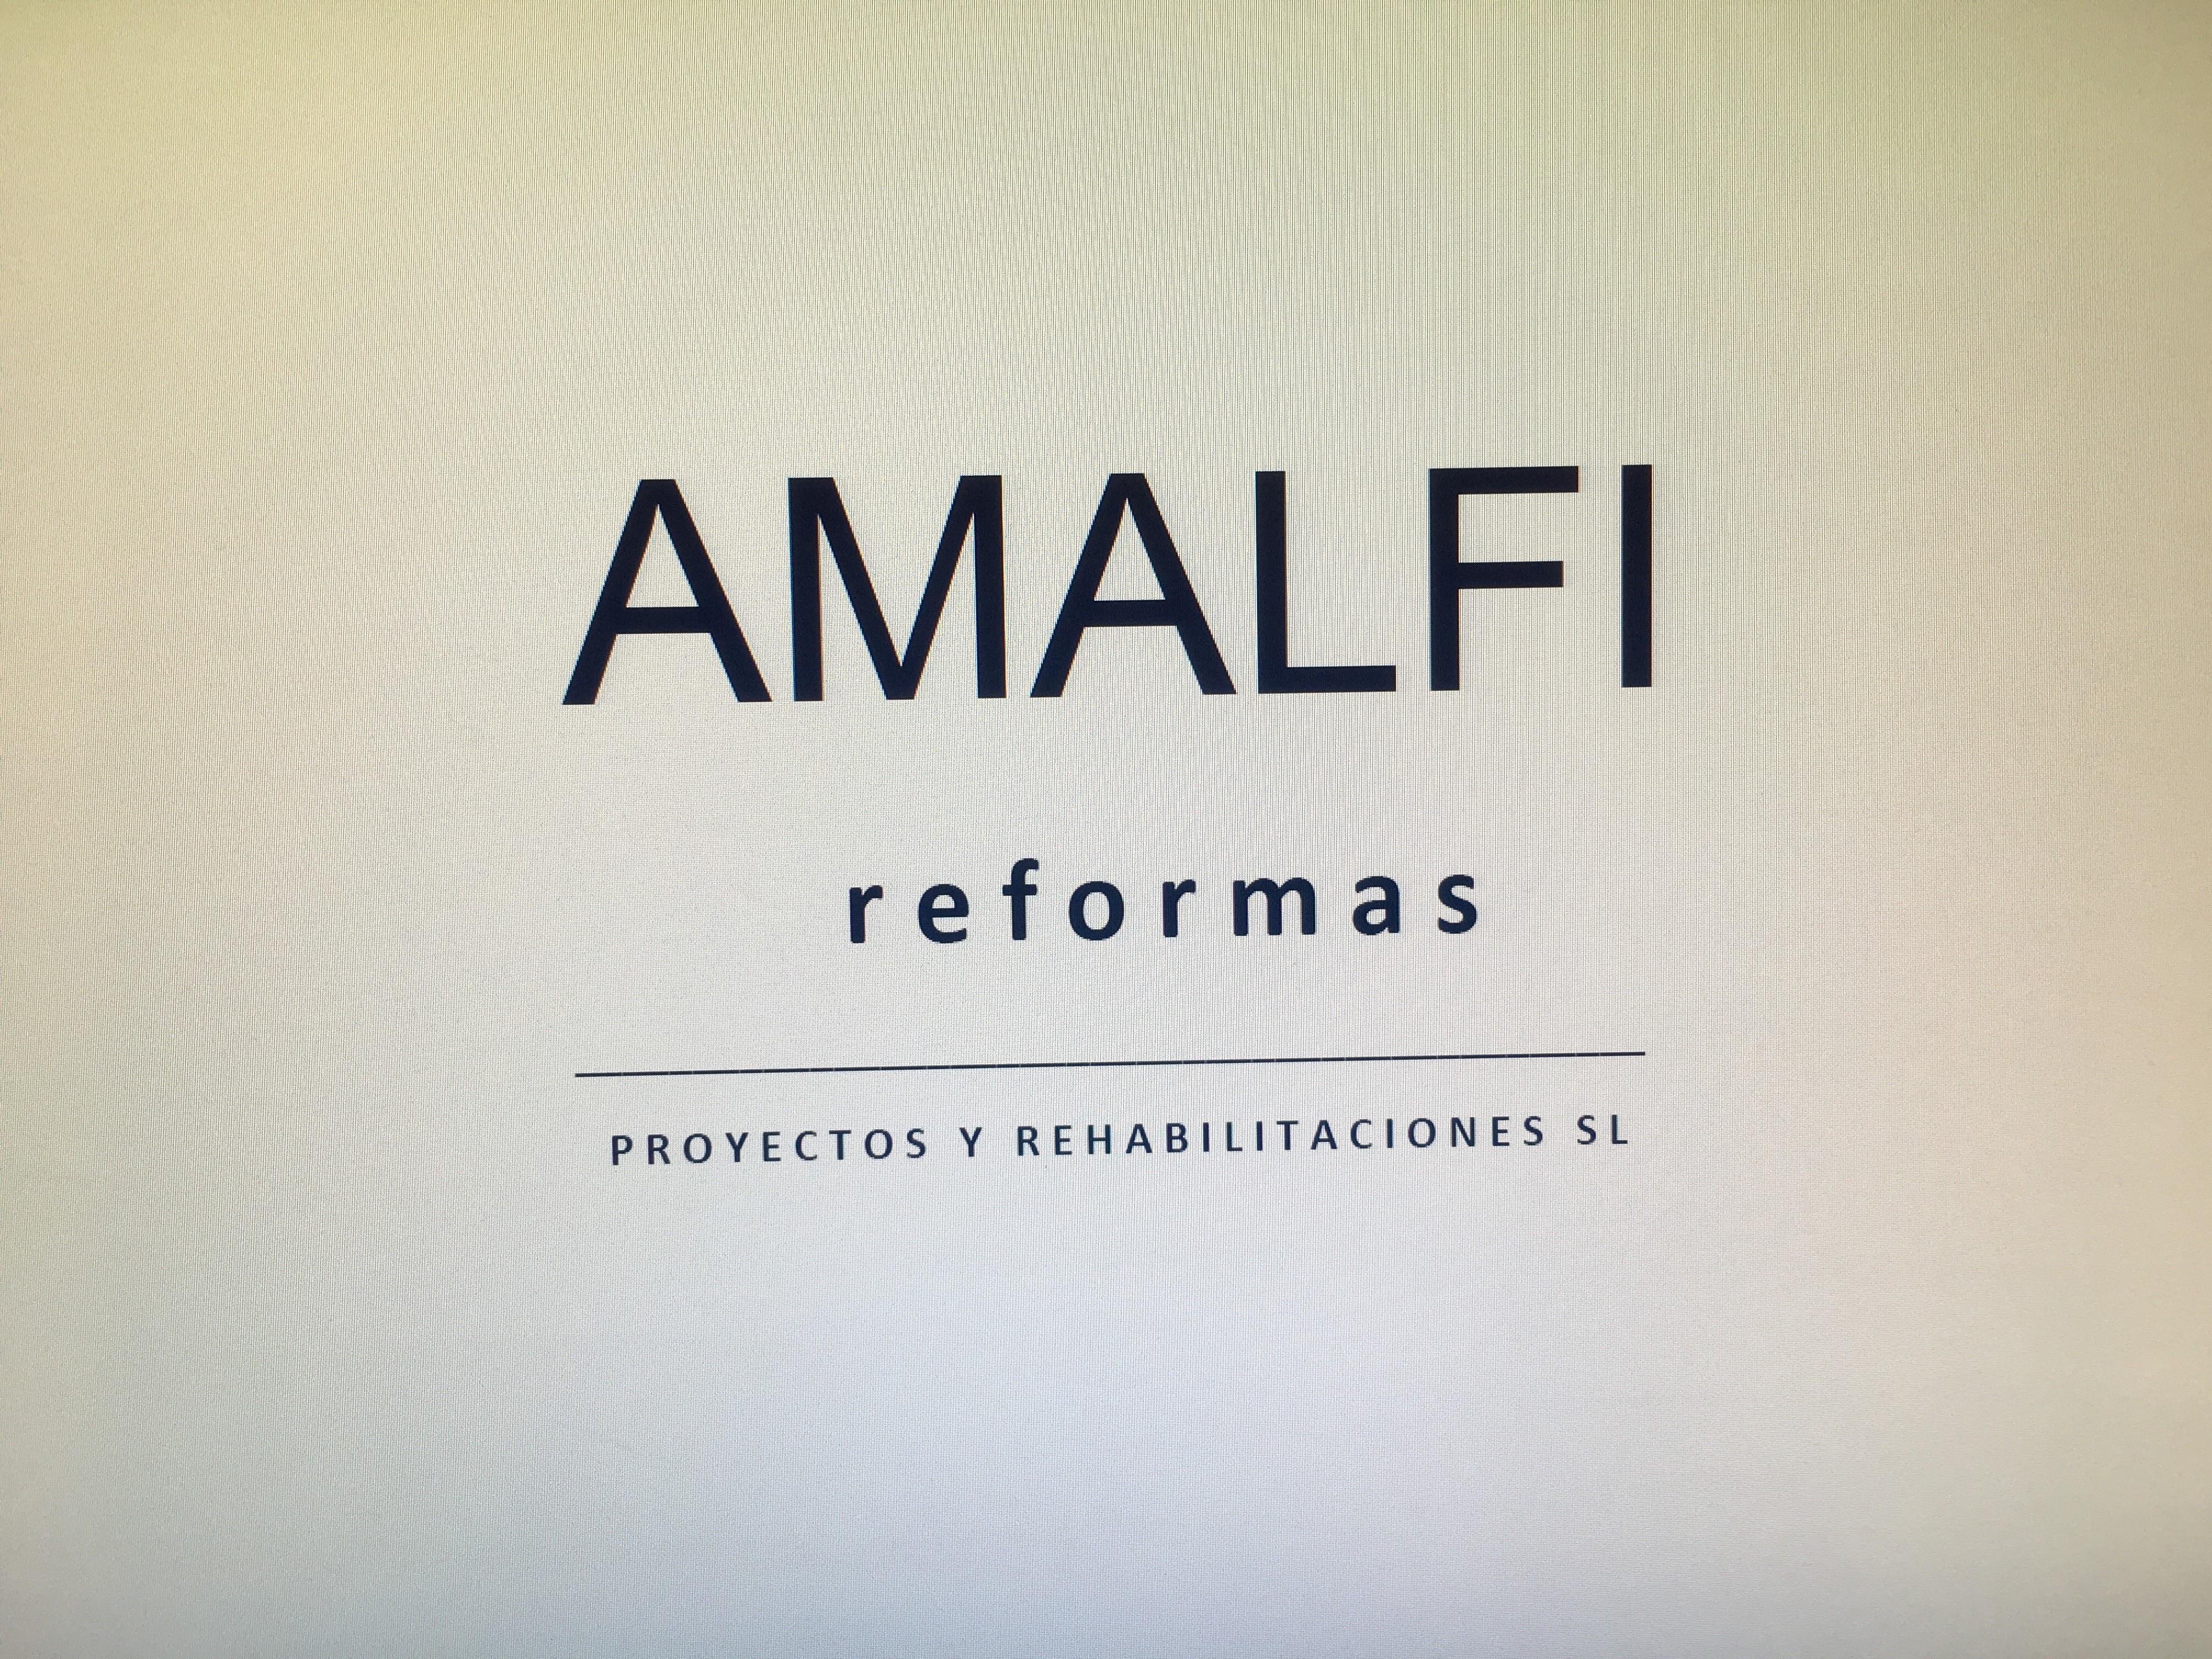 AMALFI PROYECTOS Y REHABILITACIONES SL